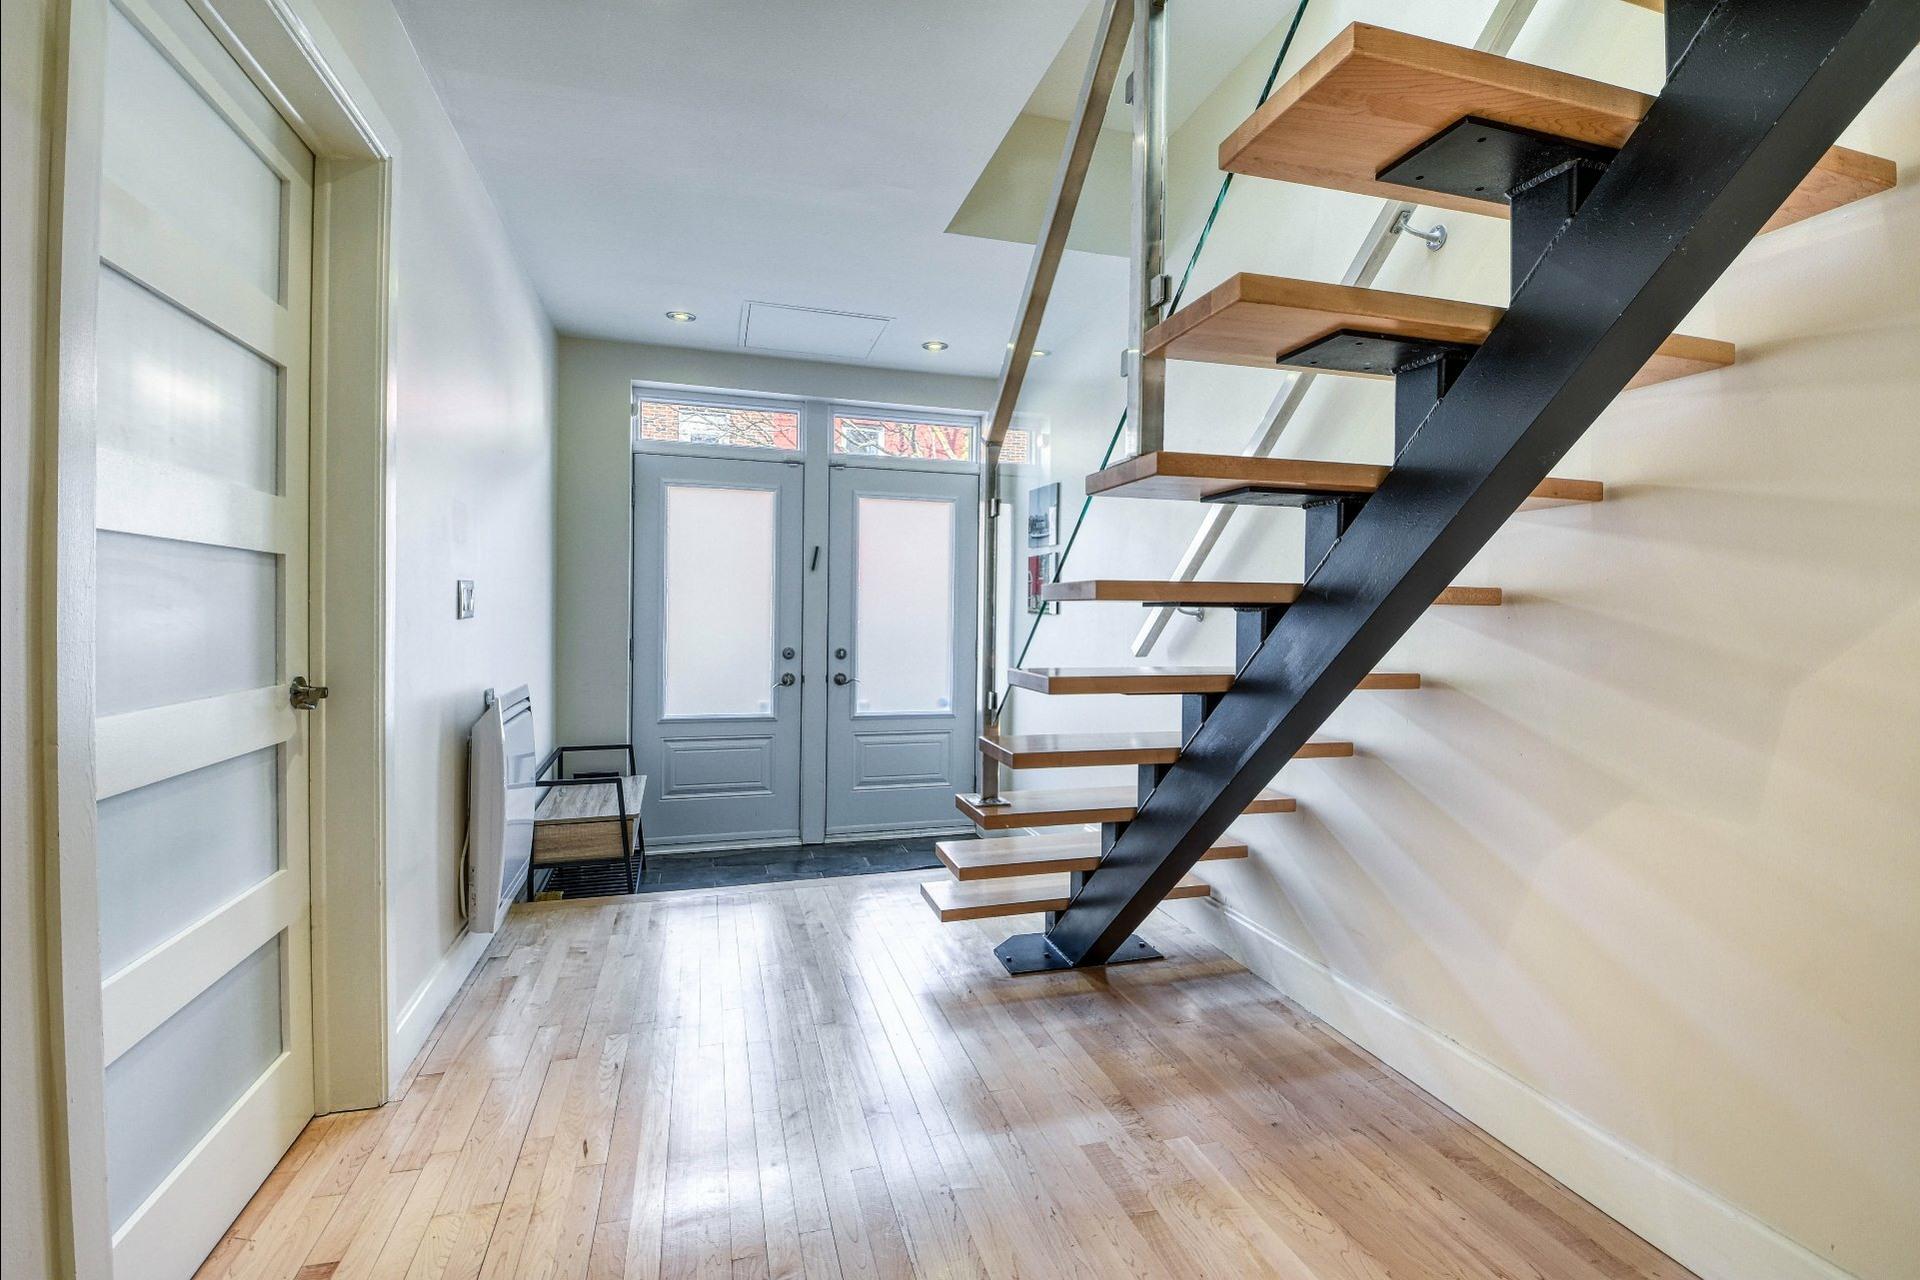 image 2 - Maison À vendre Le Plateau-Mont-Royal Montréal  - 10 pièces